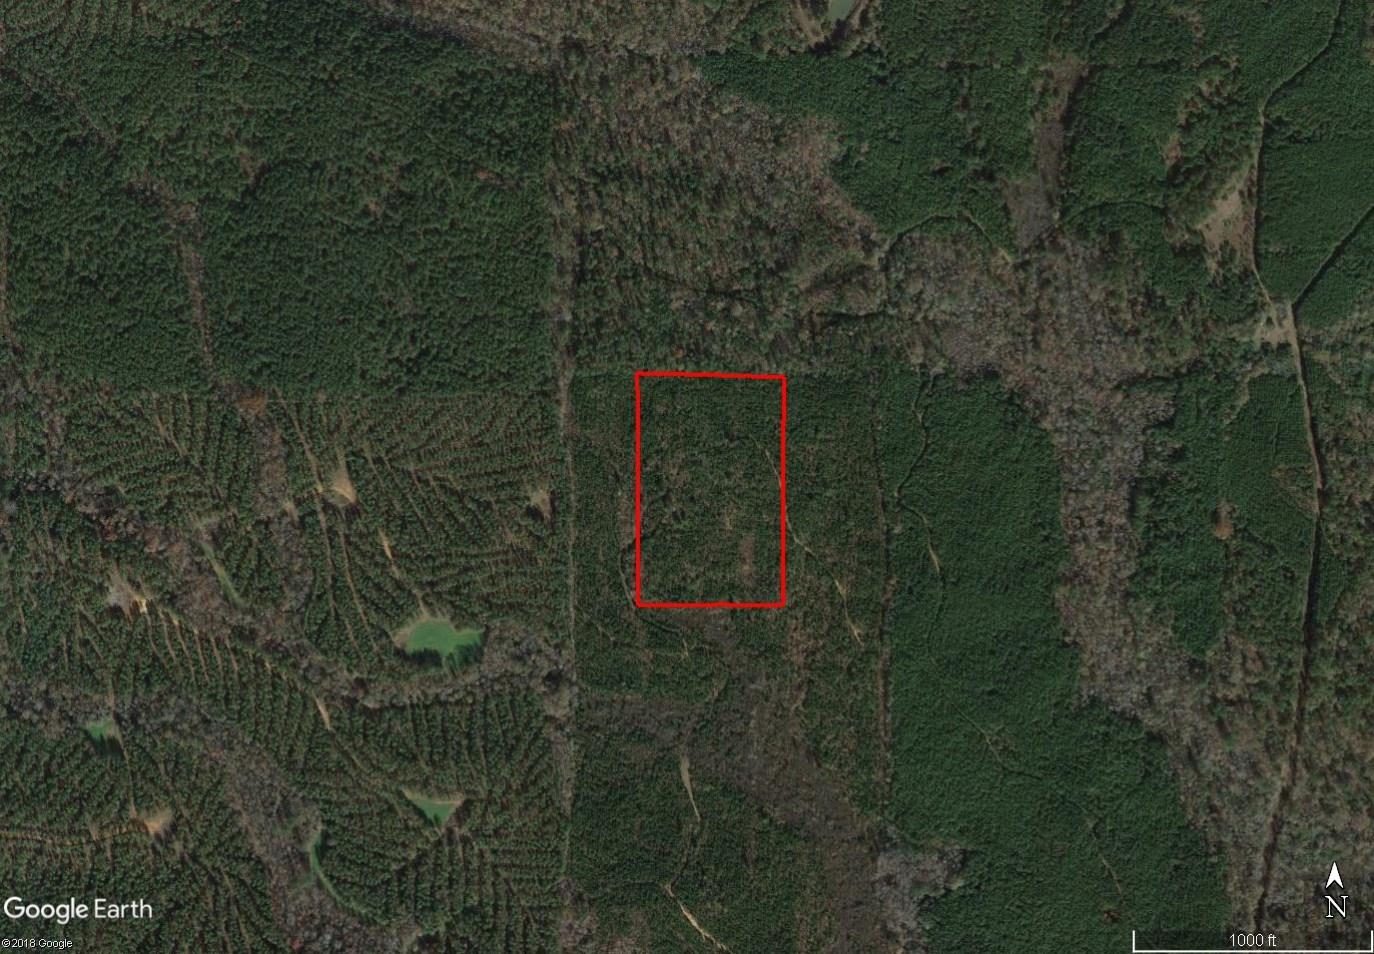 Land for Sale - Turner Rd, Preston, MS - 13.5 Acres